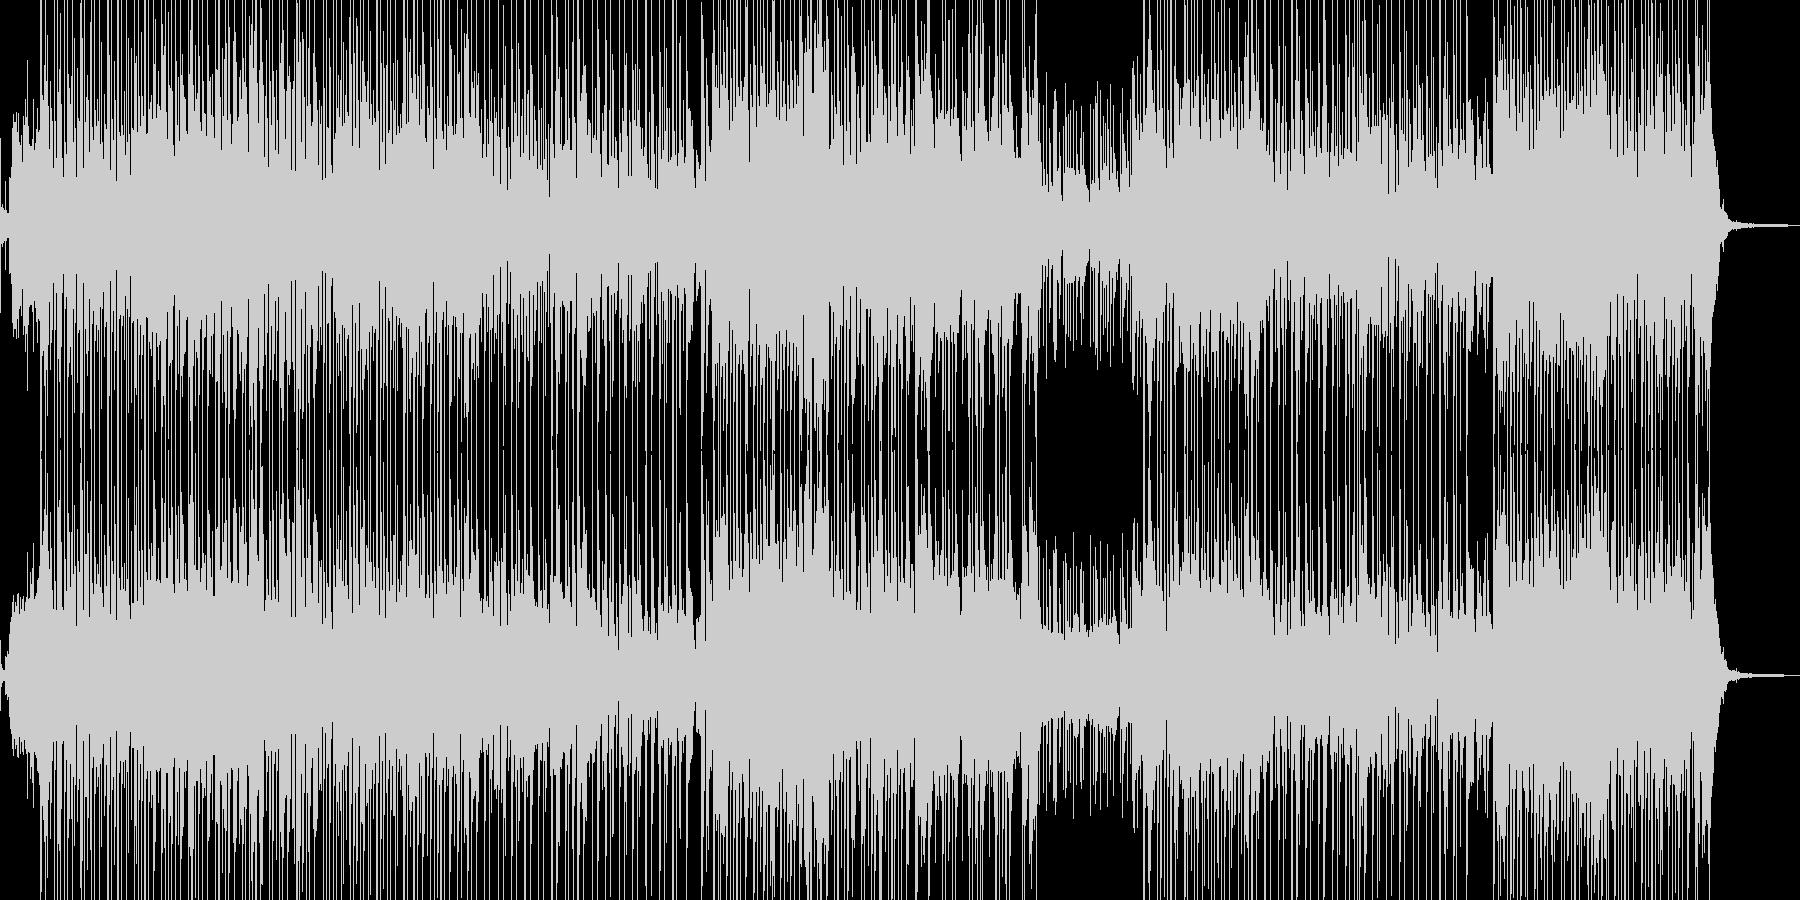 琴・三味線・レトロな演歌調ポップ 長尺の未再生の波形